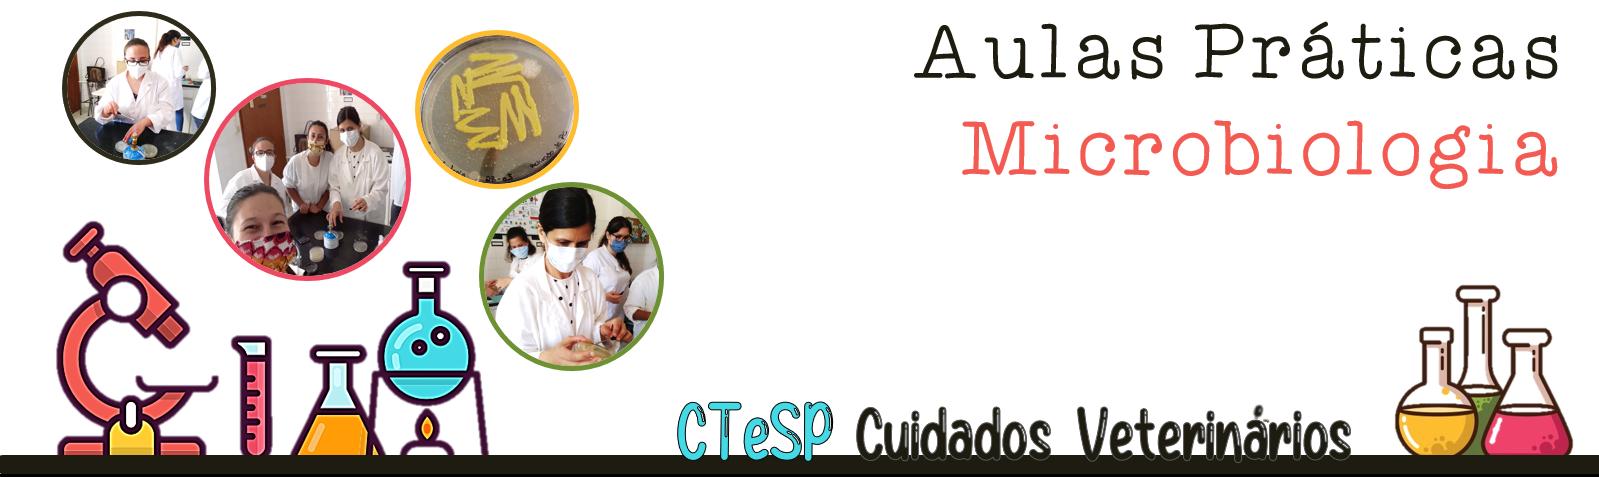 Aulas Prátcas Microbiologia - CTeSP Cuidados Veterinários